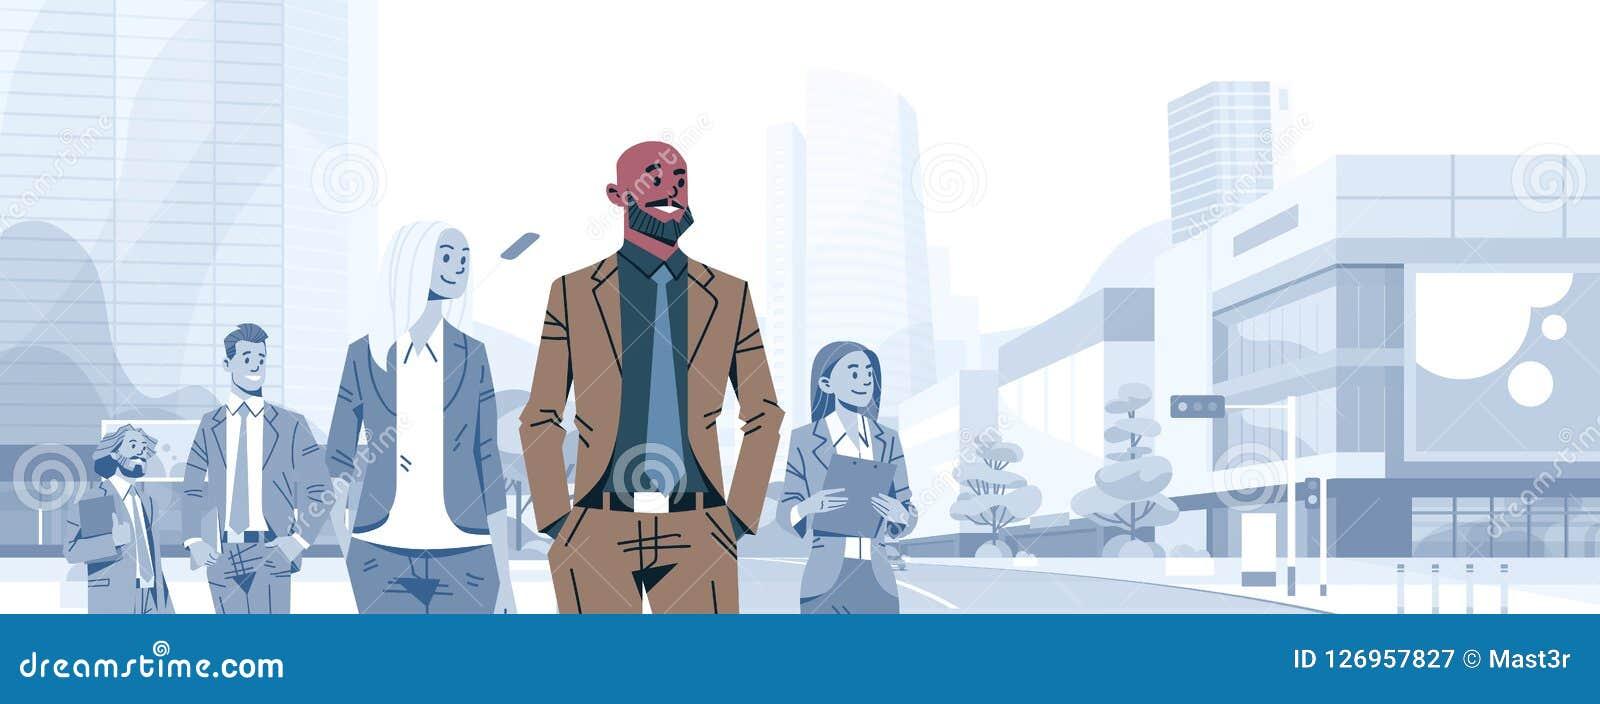 Босс руководителя группы бизнесмена лысой головы стоит вне бизнесмены шаржа мужчины концепции руководства группы индивидуального